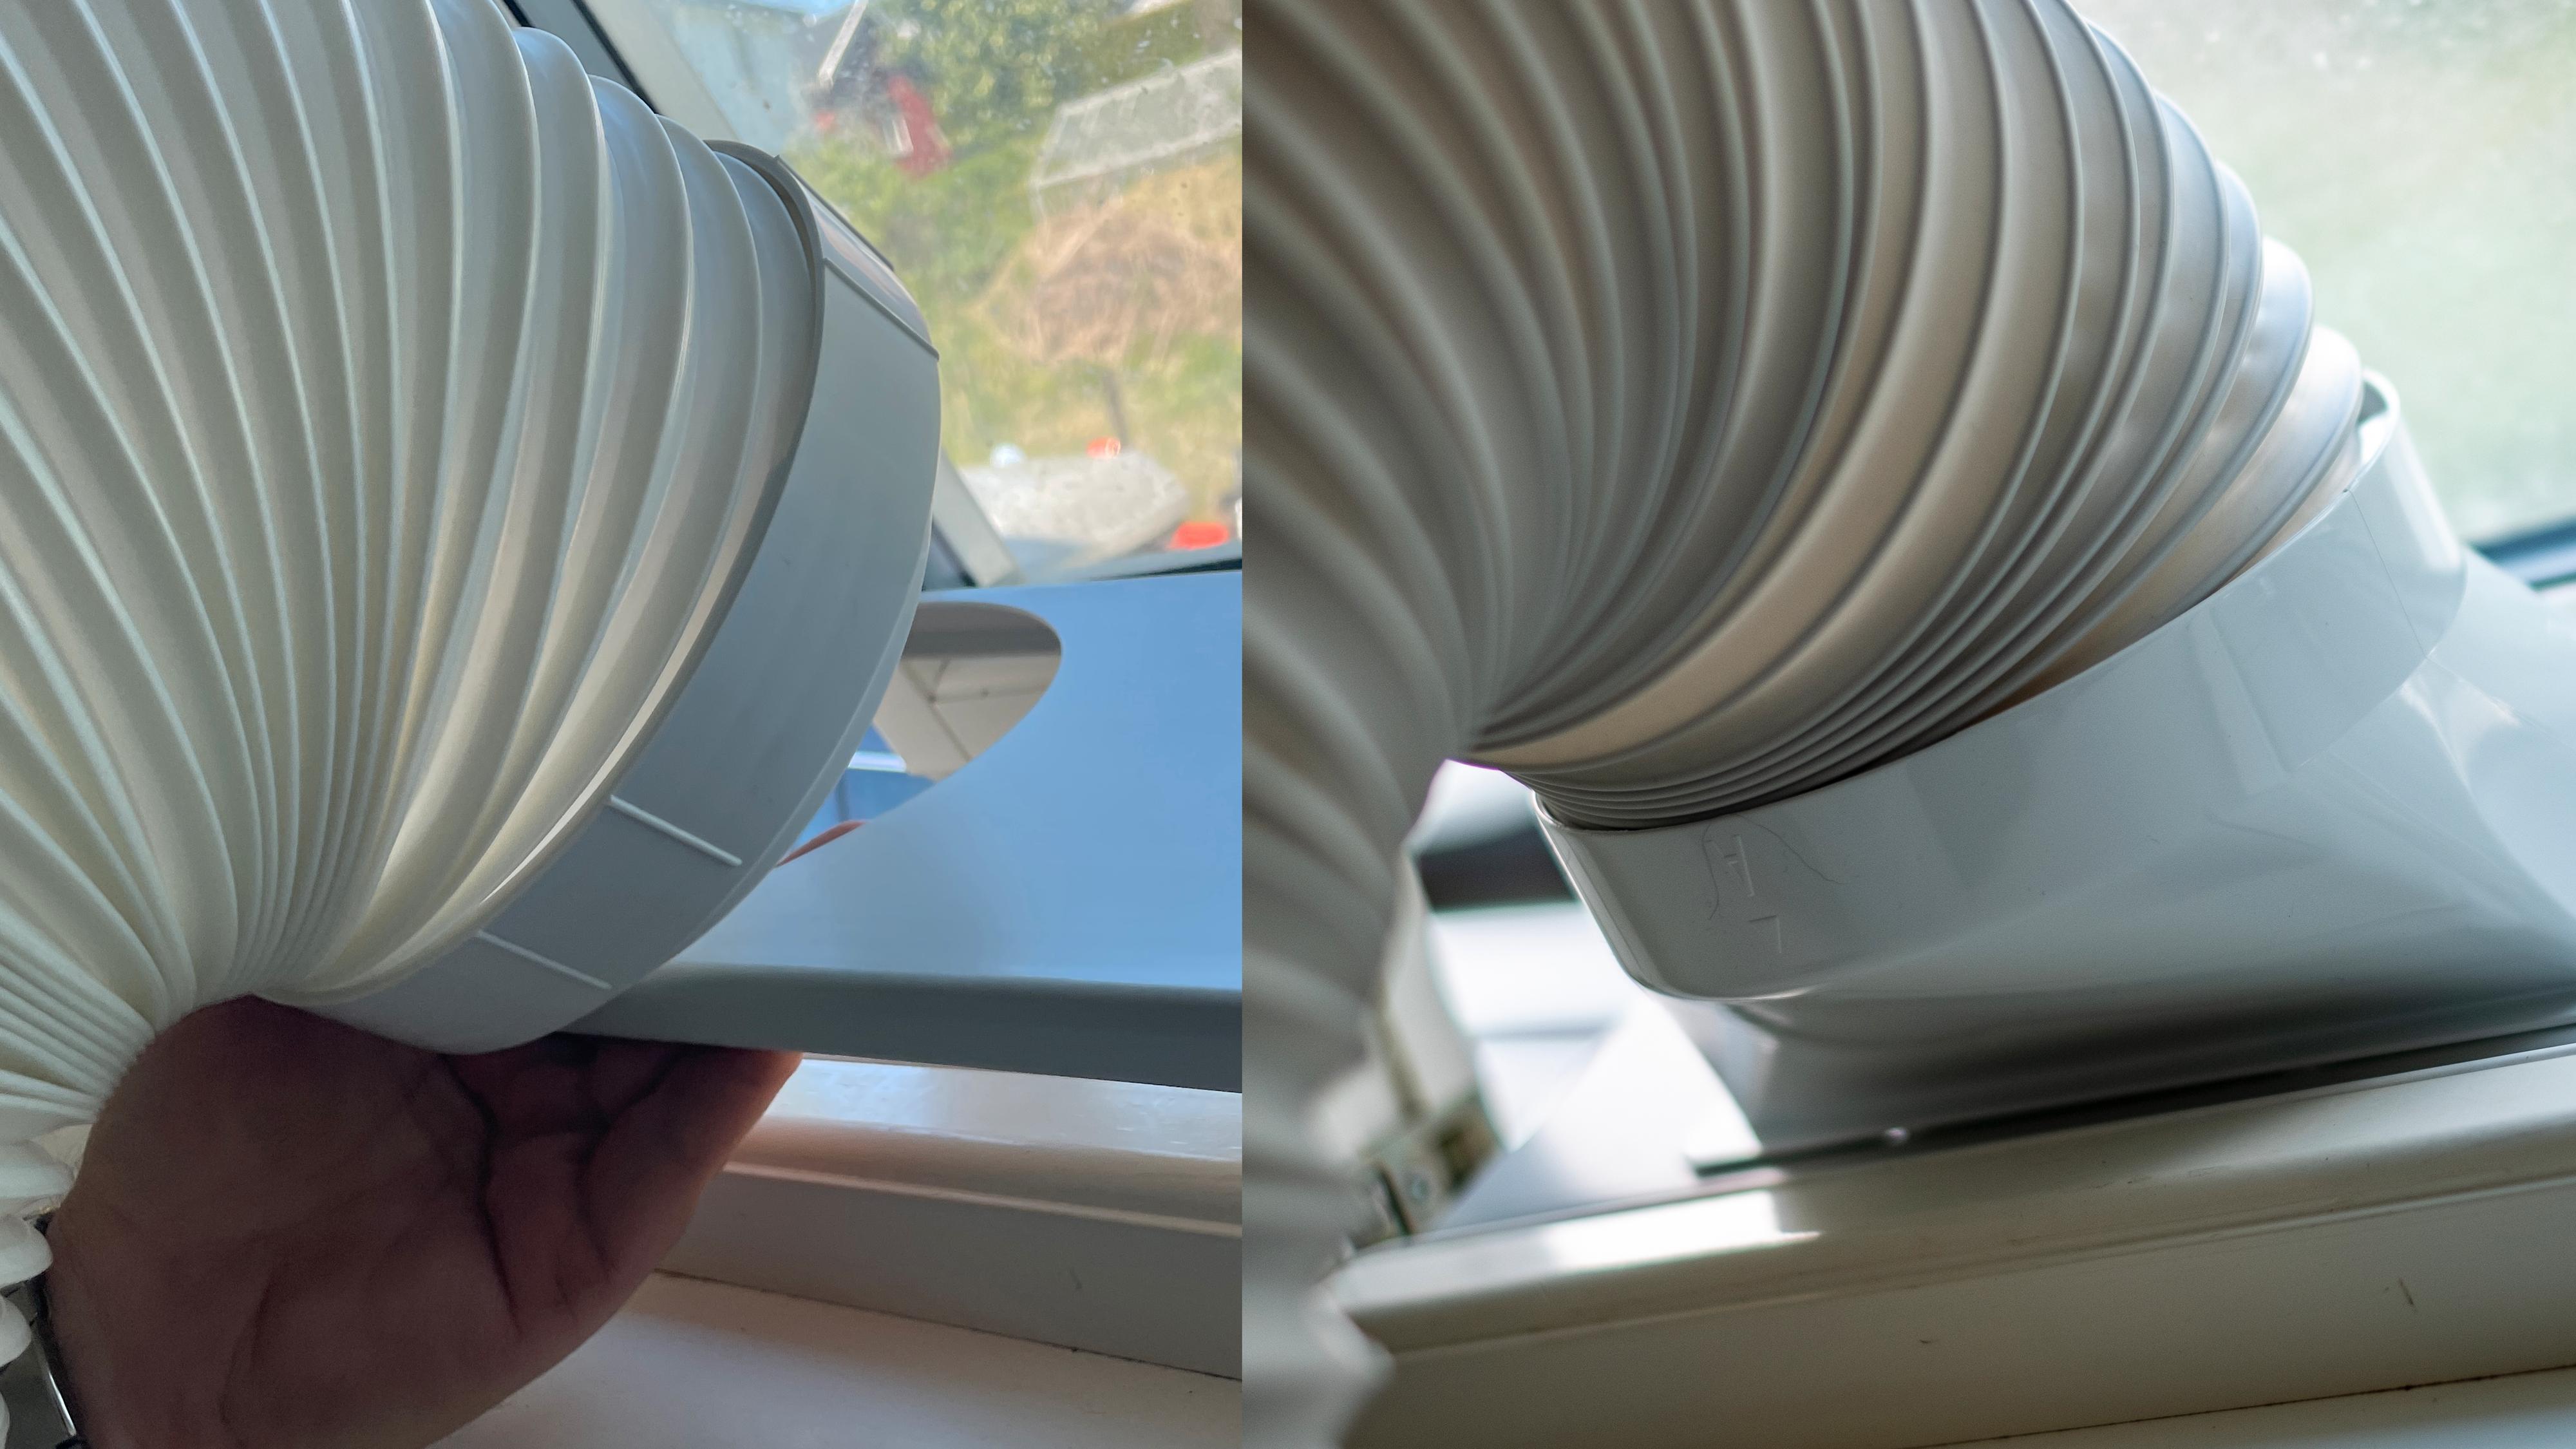 Til venstre har du Wood's Venezia - hele slangens tykkelse skal gjennom skinnen som står i vindussprekken. Hvis du får den til å sitte fast, da - som var en evig kamp da vi testet maskinen. Til høyre har du Wood's Cortina, som hadde traktformet eksosrør, med smal vindusskinne og null problemer med festet. De to eksosløsningene illustrerer greit forskjellene på maskinene.